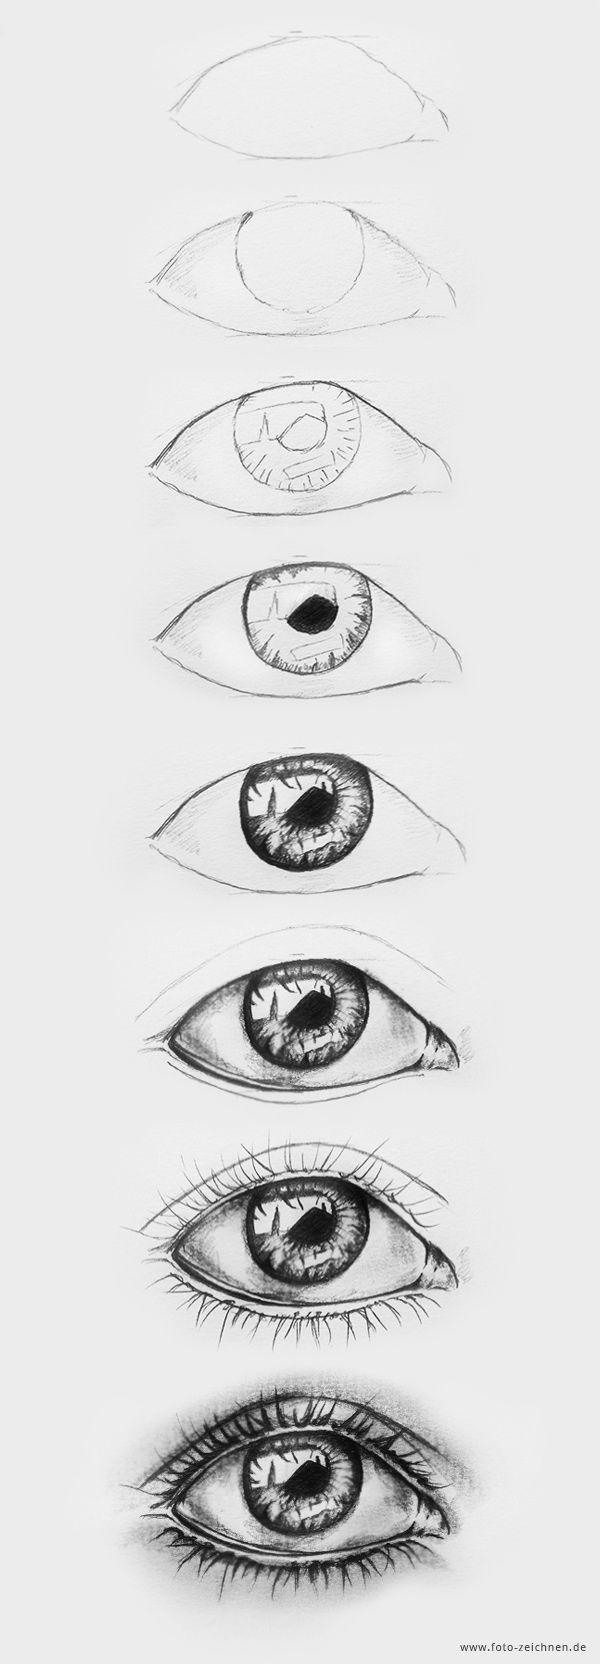 Augen Zeichnen Schritt Fur Schritt Zeichnen Augen Zeichnen